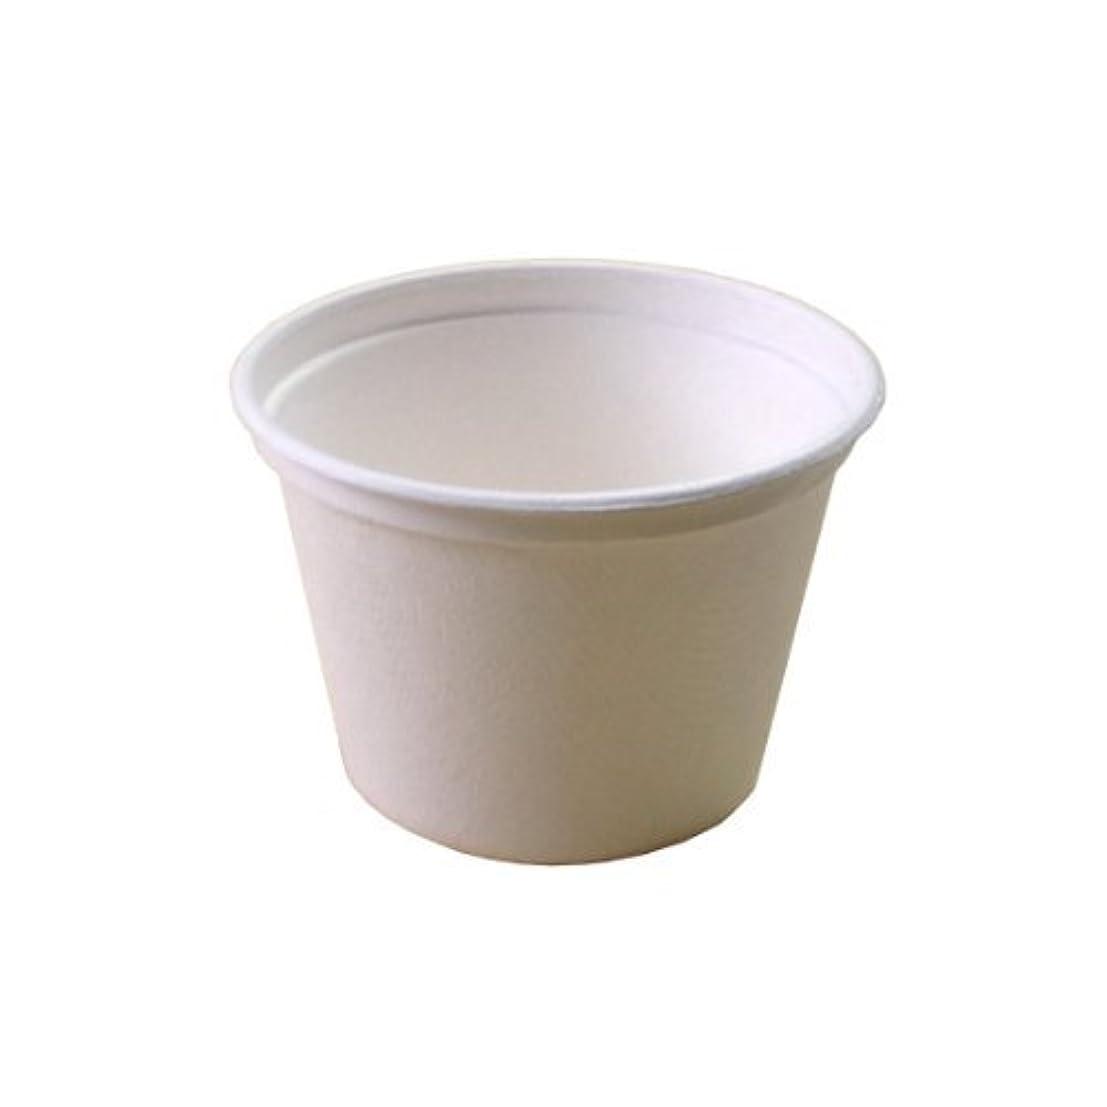 服を着る品資格使い捨て 紙カップ エコでオシャレな eモールド ミニカップ 140ml L048 50個入